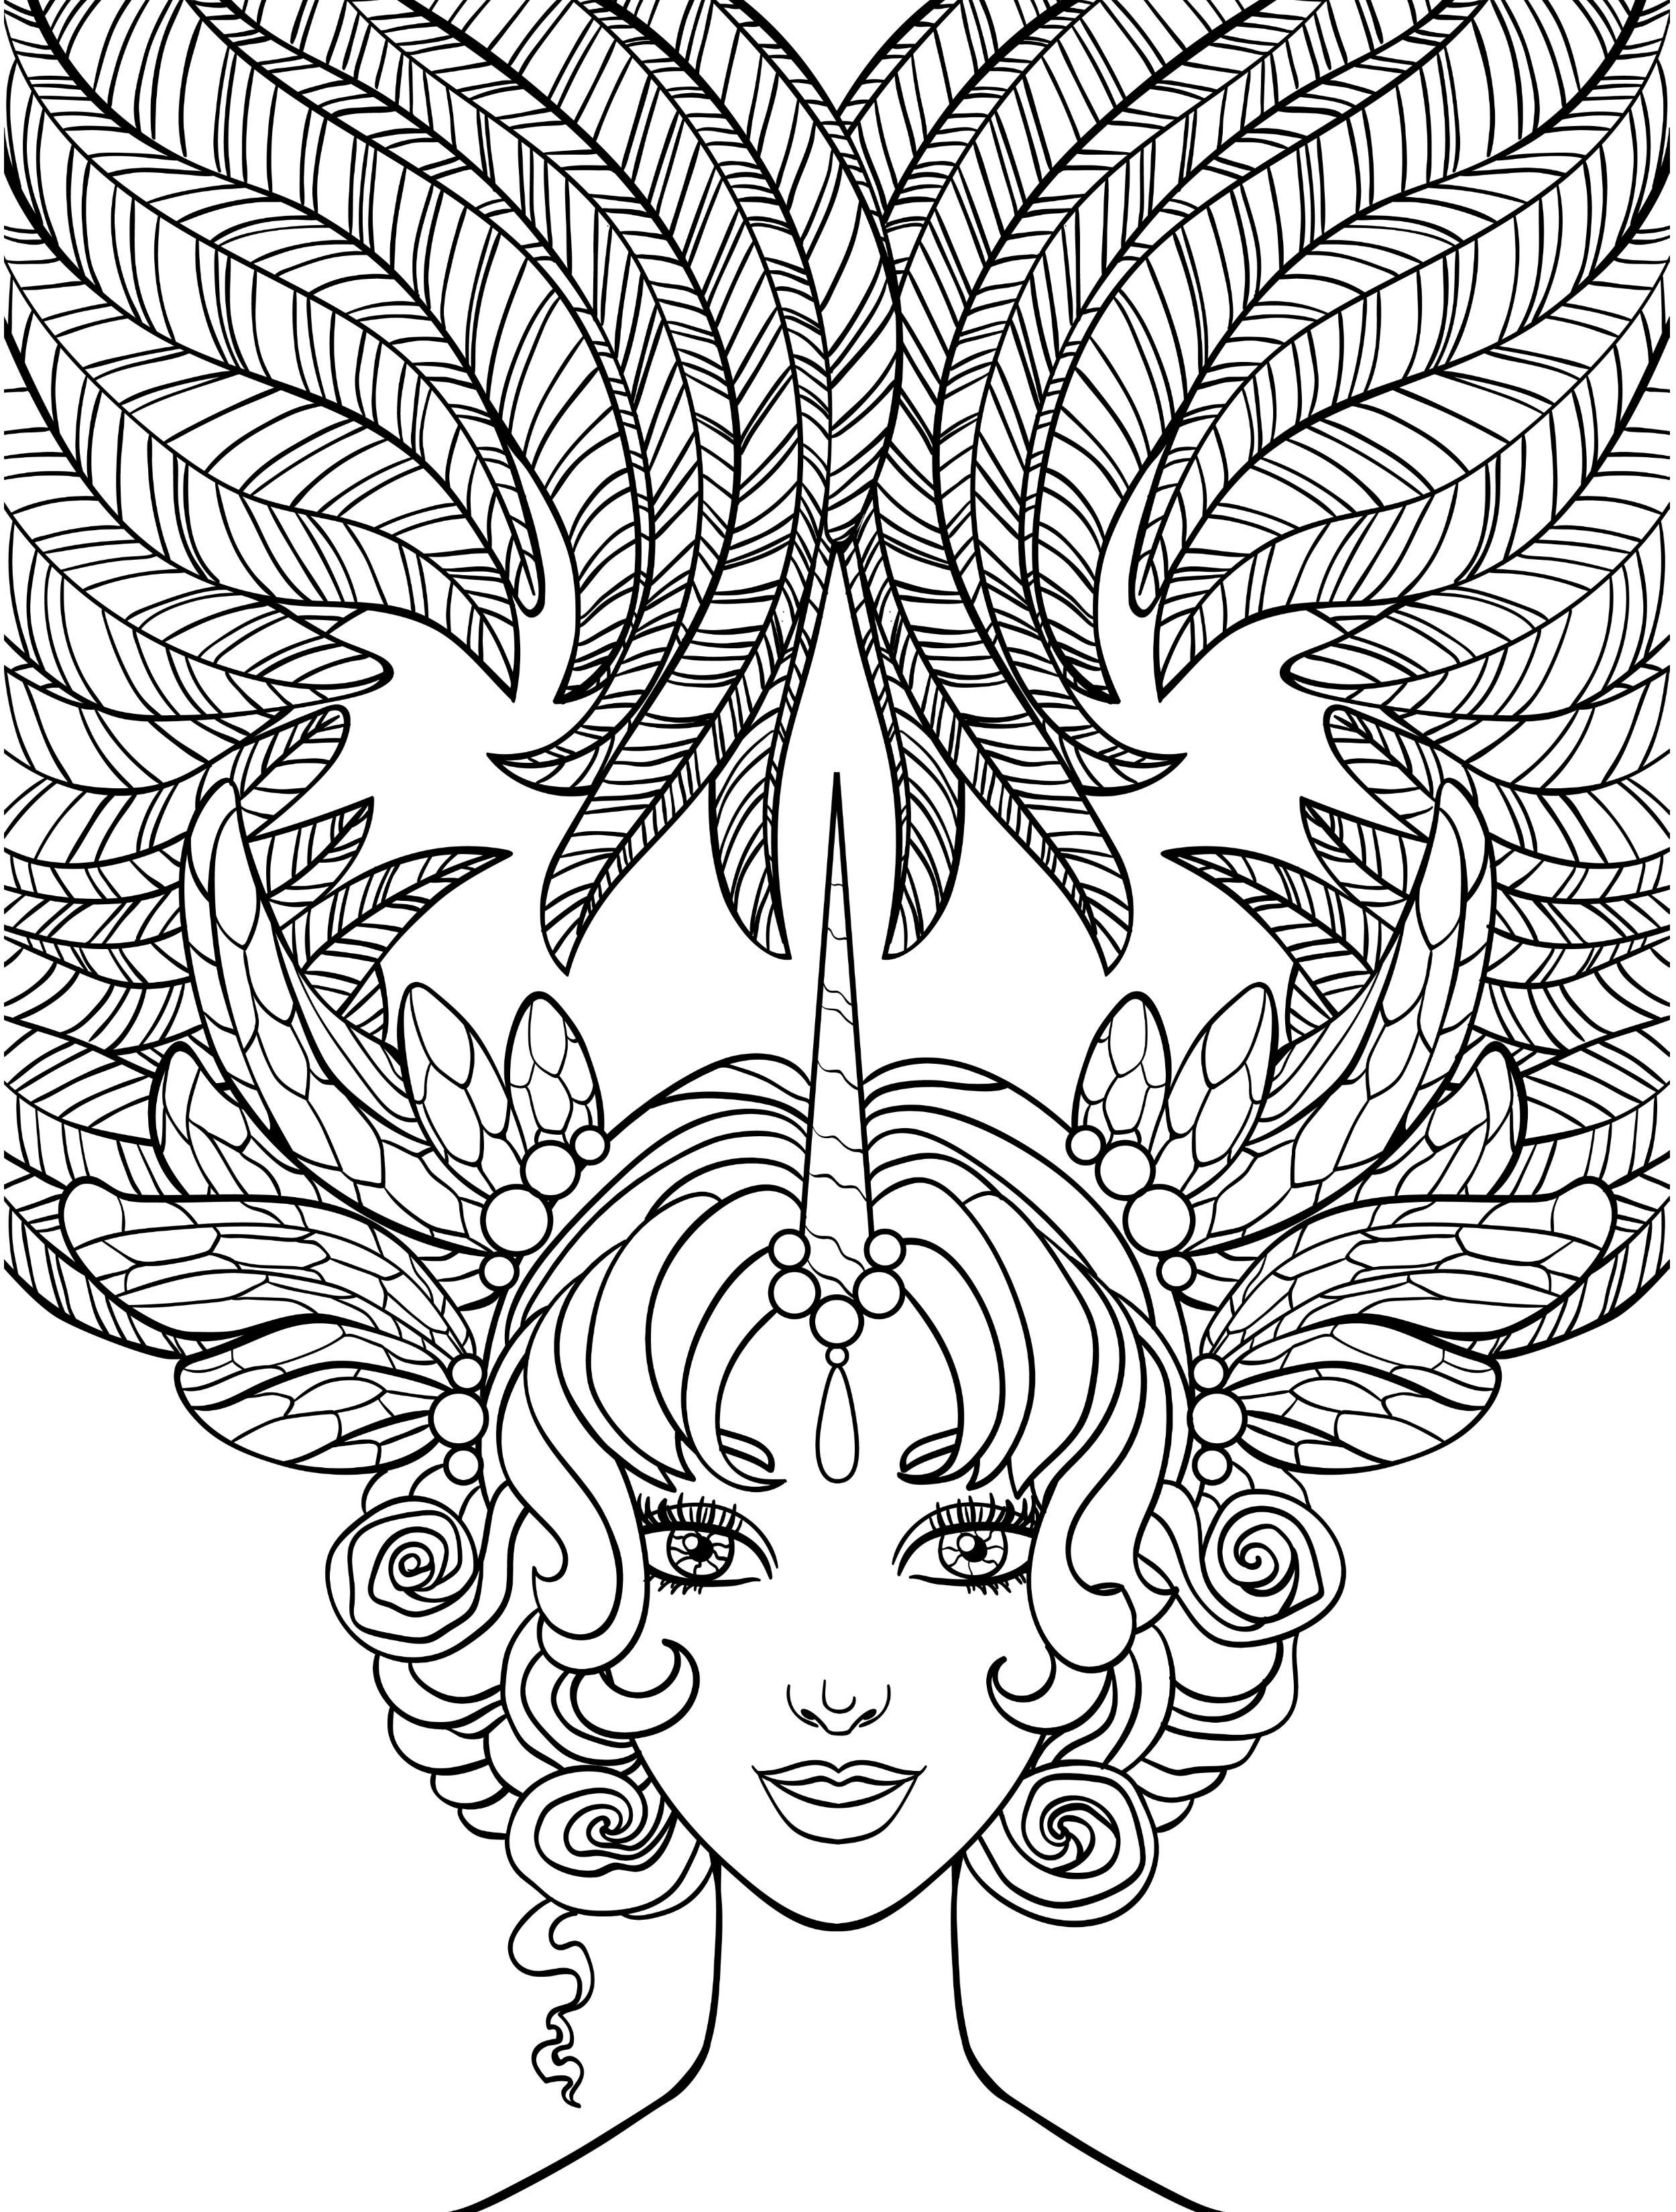 2500x3300 Beautiful Indian Woman Zendala Coloring Page Shutterstock